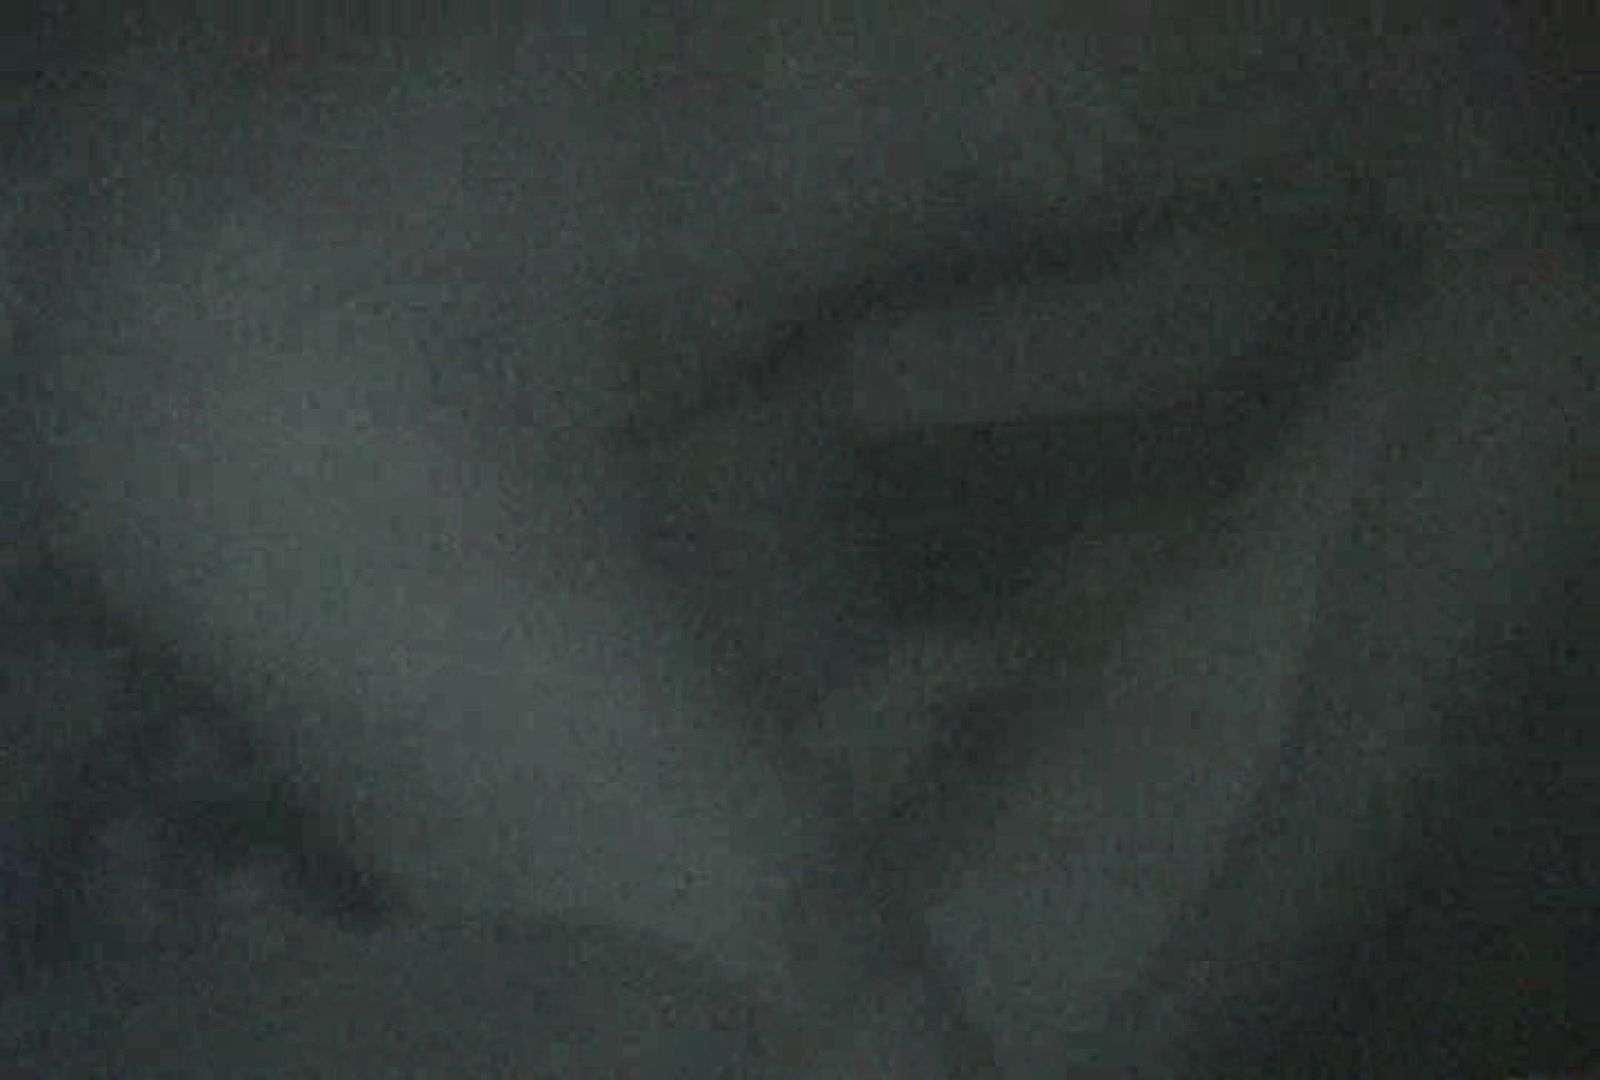 充血監督の深夜の運動会Vol.42 カップル盗撮 ワレメ動画紹介 55画像 49